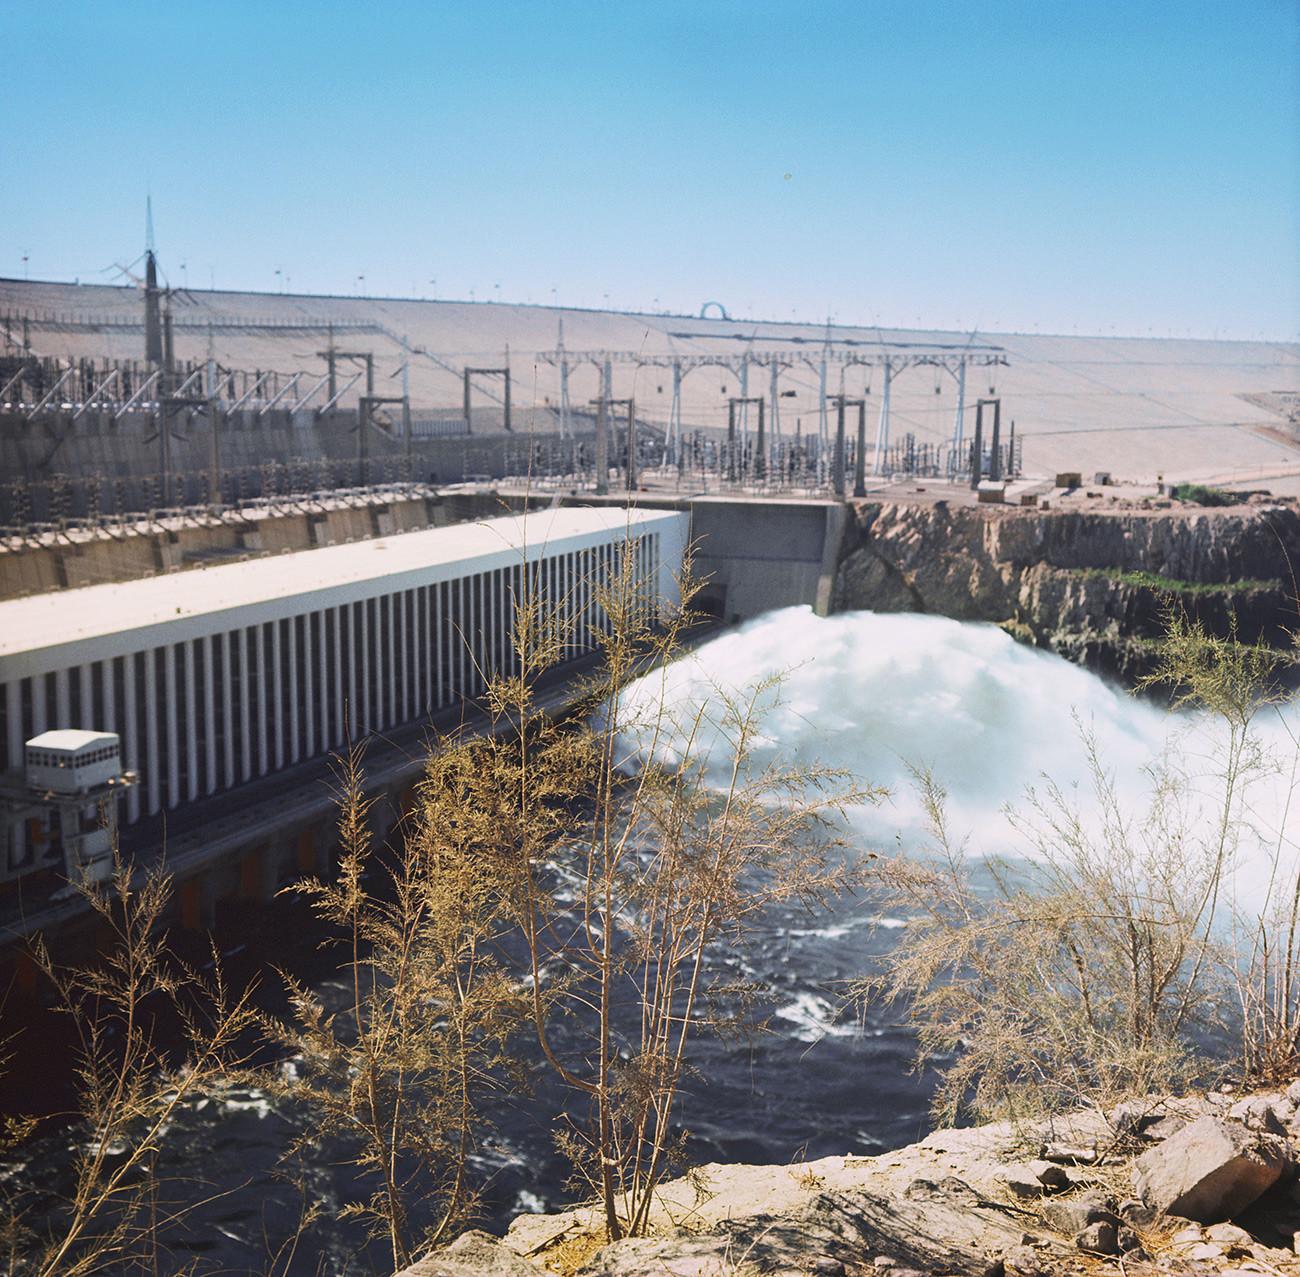 Asuanska brana u Egiptu. Sagradili su je sovjetski stručnjaci.